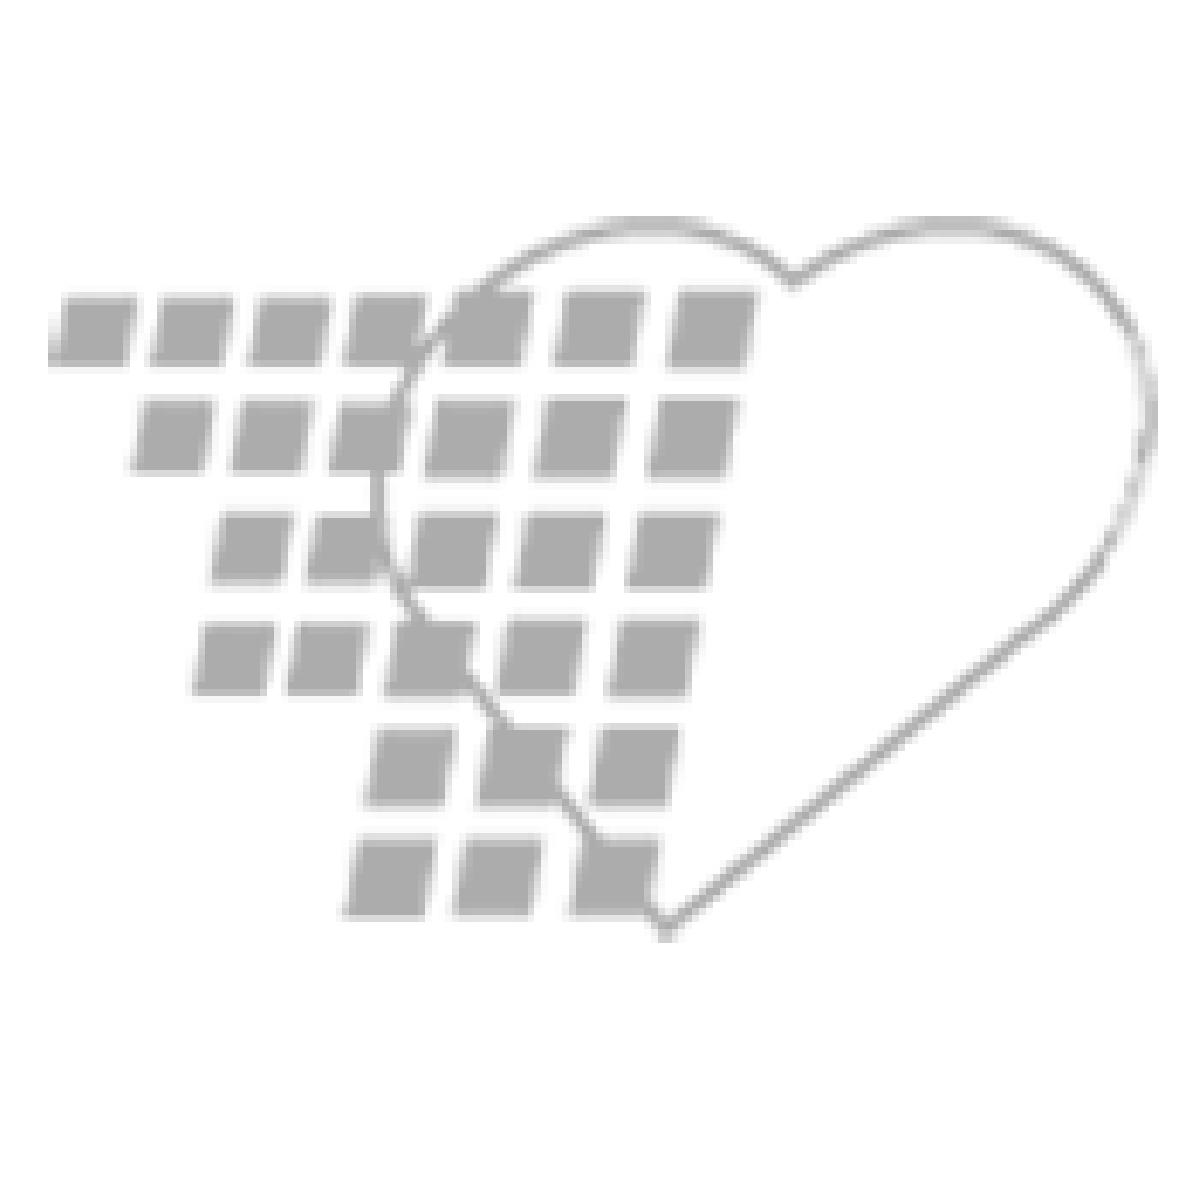 04-25-2222 - Medication Cart 32 Bin 4 Drawer